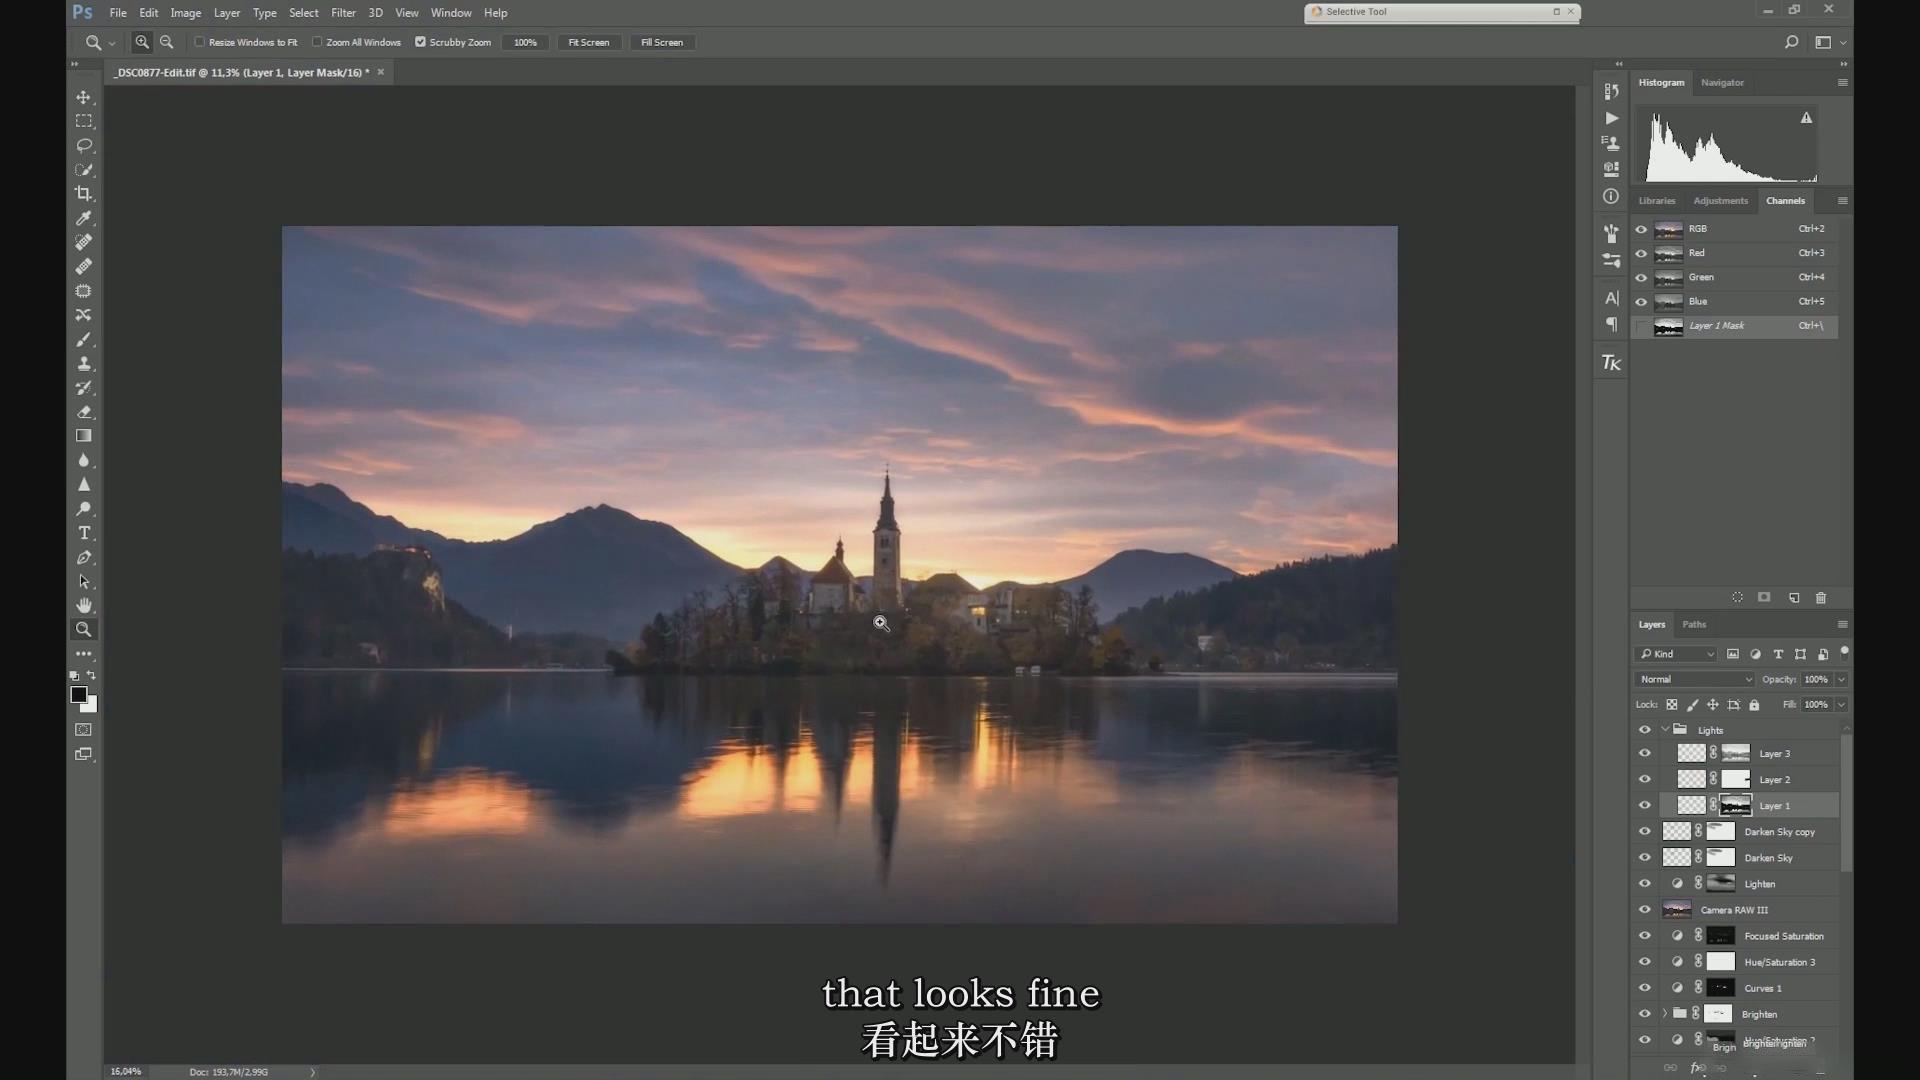 摄影教程_Daniel Fleischhacker景观和自然风光摄影Photoshop后期大师班-中英字幕 摄影教程 _预览图9